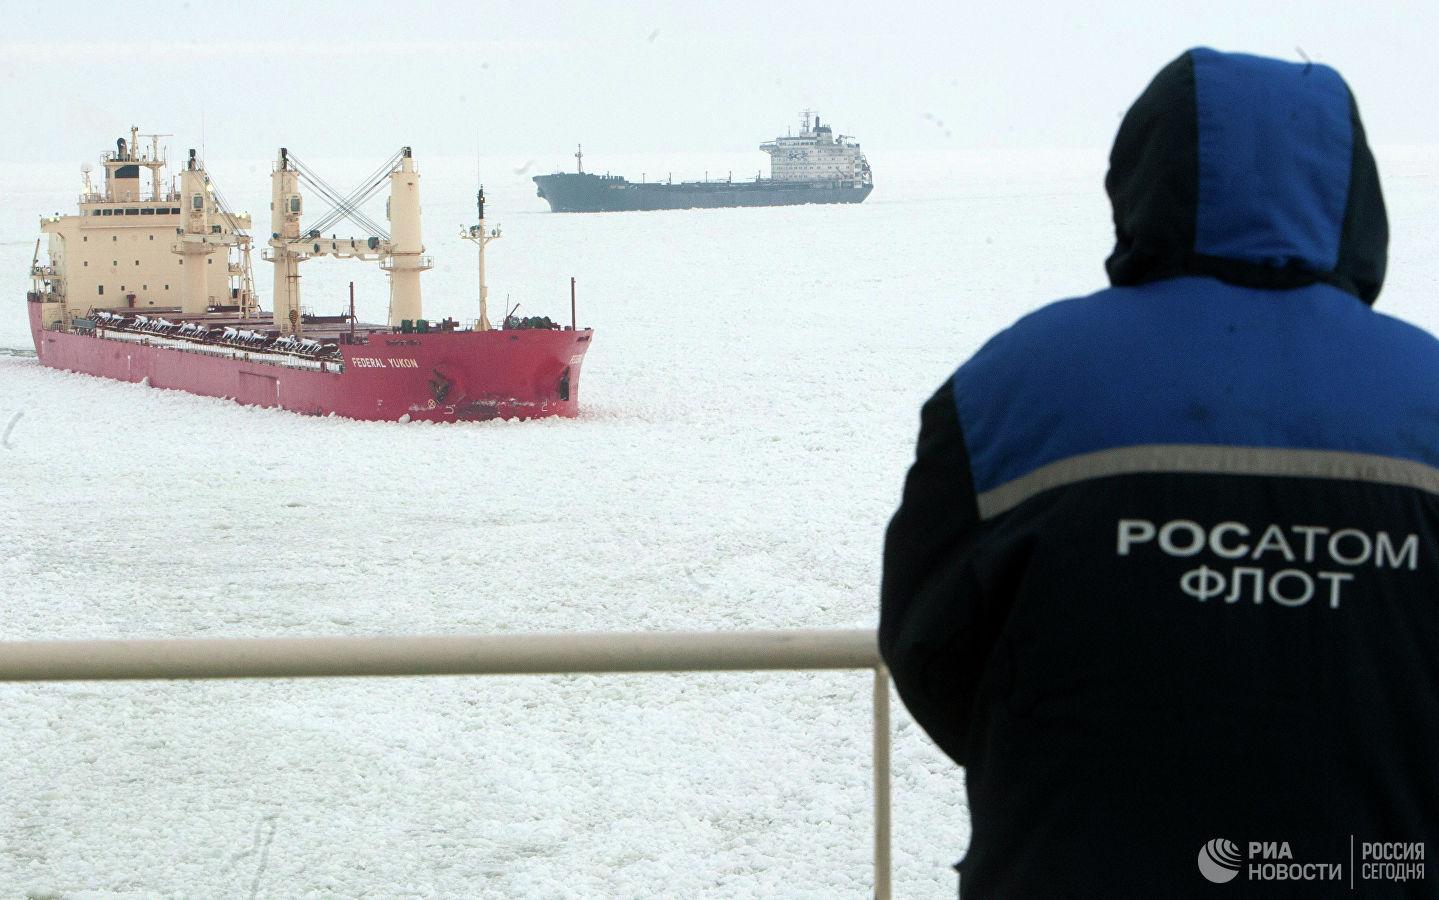 Арктика: приз или угроза. Почему для США так опасен Северный морской путь